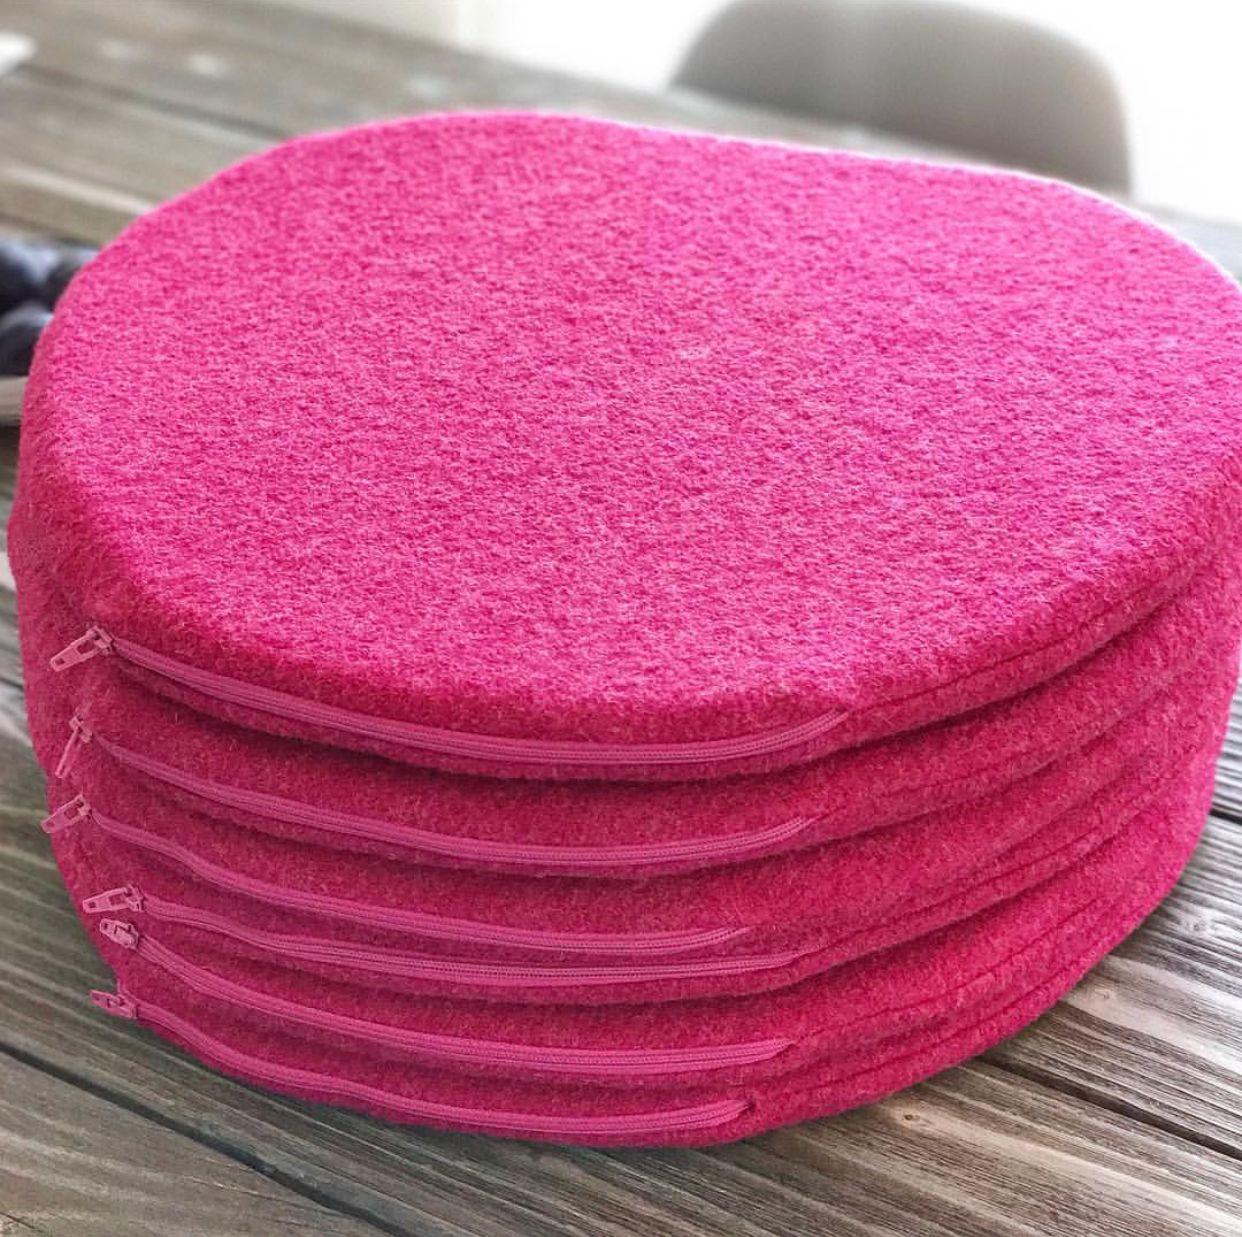 Eames Chair Sitzkissen eamescushion in pink melange pomponetti interior sitzauflage für